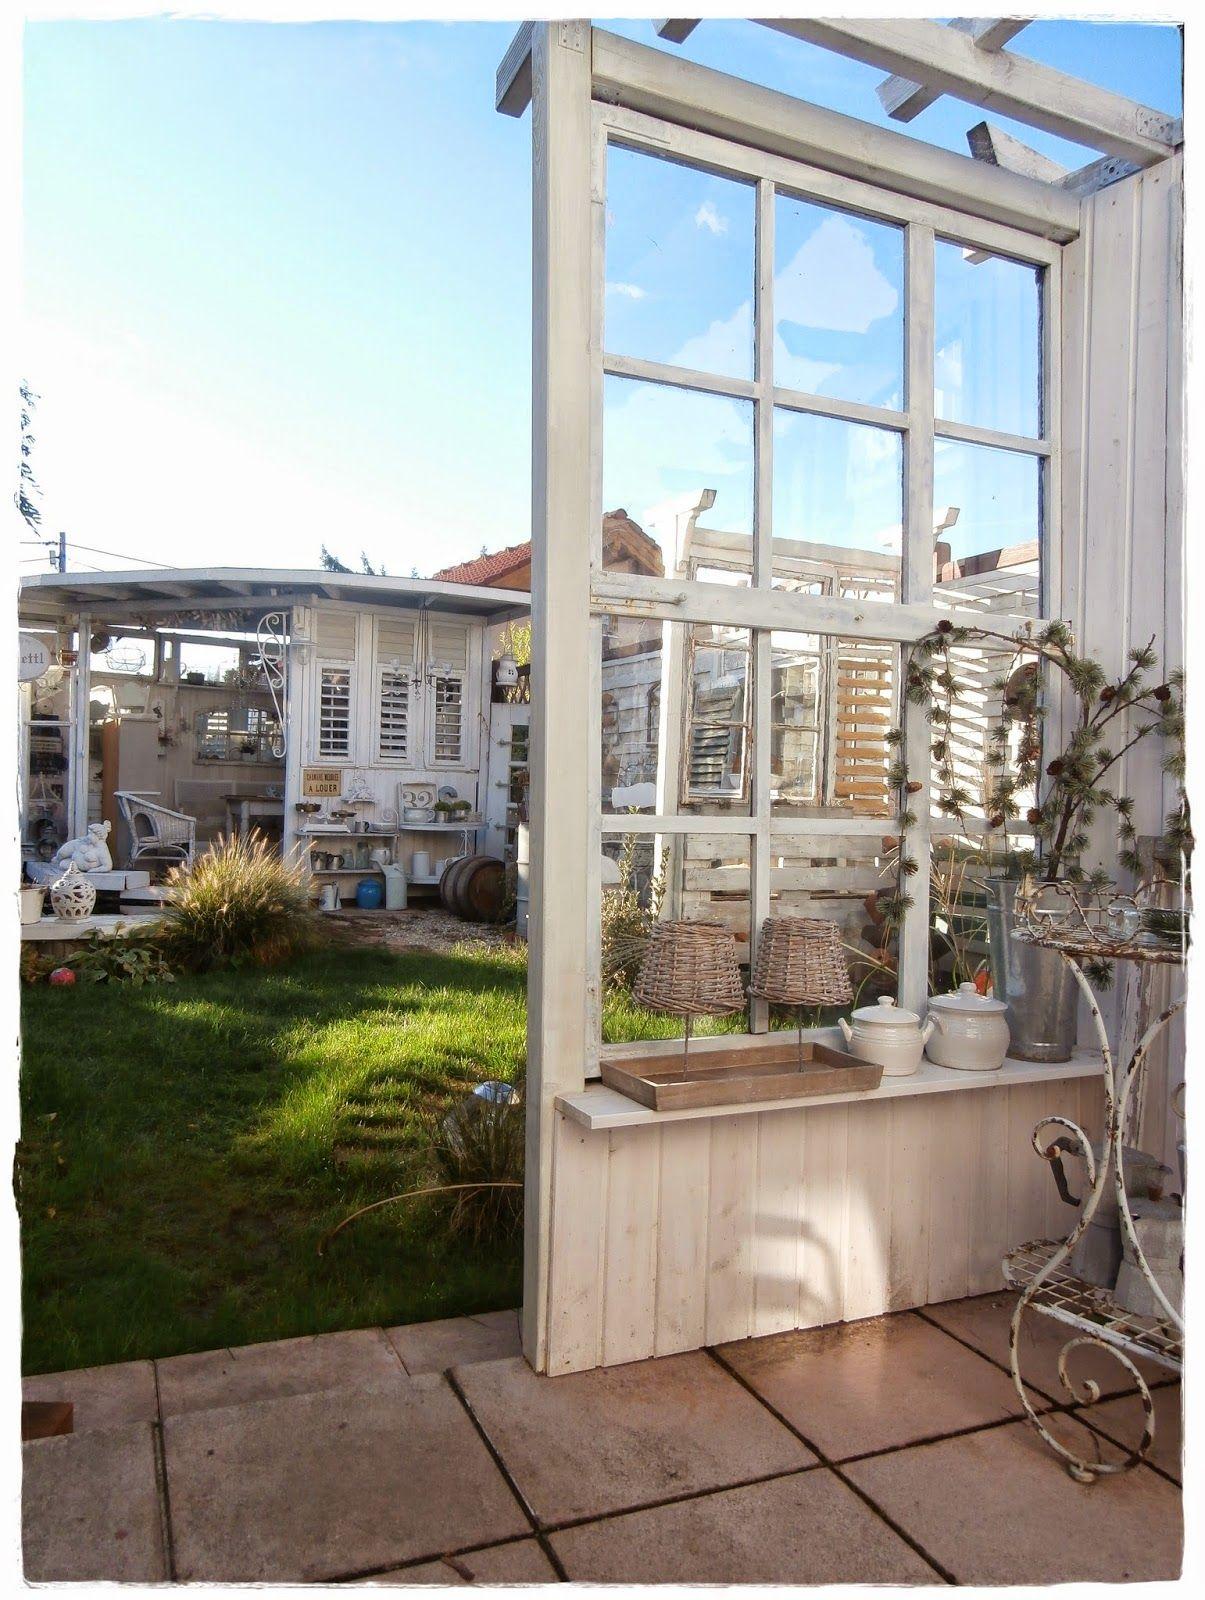 Shabby Landhaus alte Fenster Alte fenster, Alte fenster